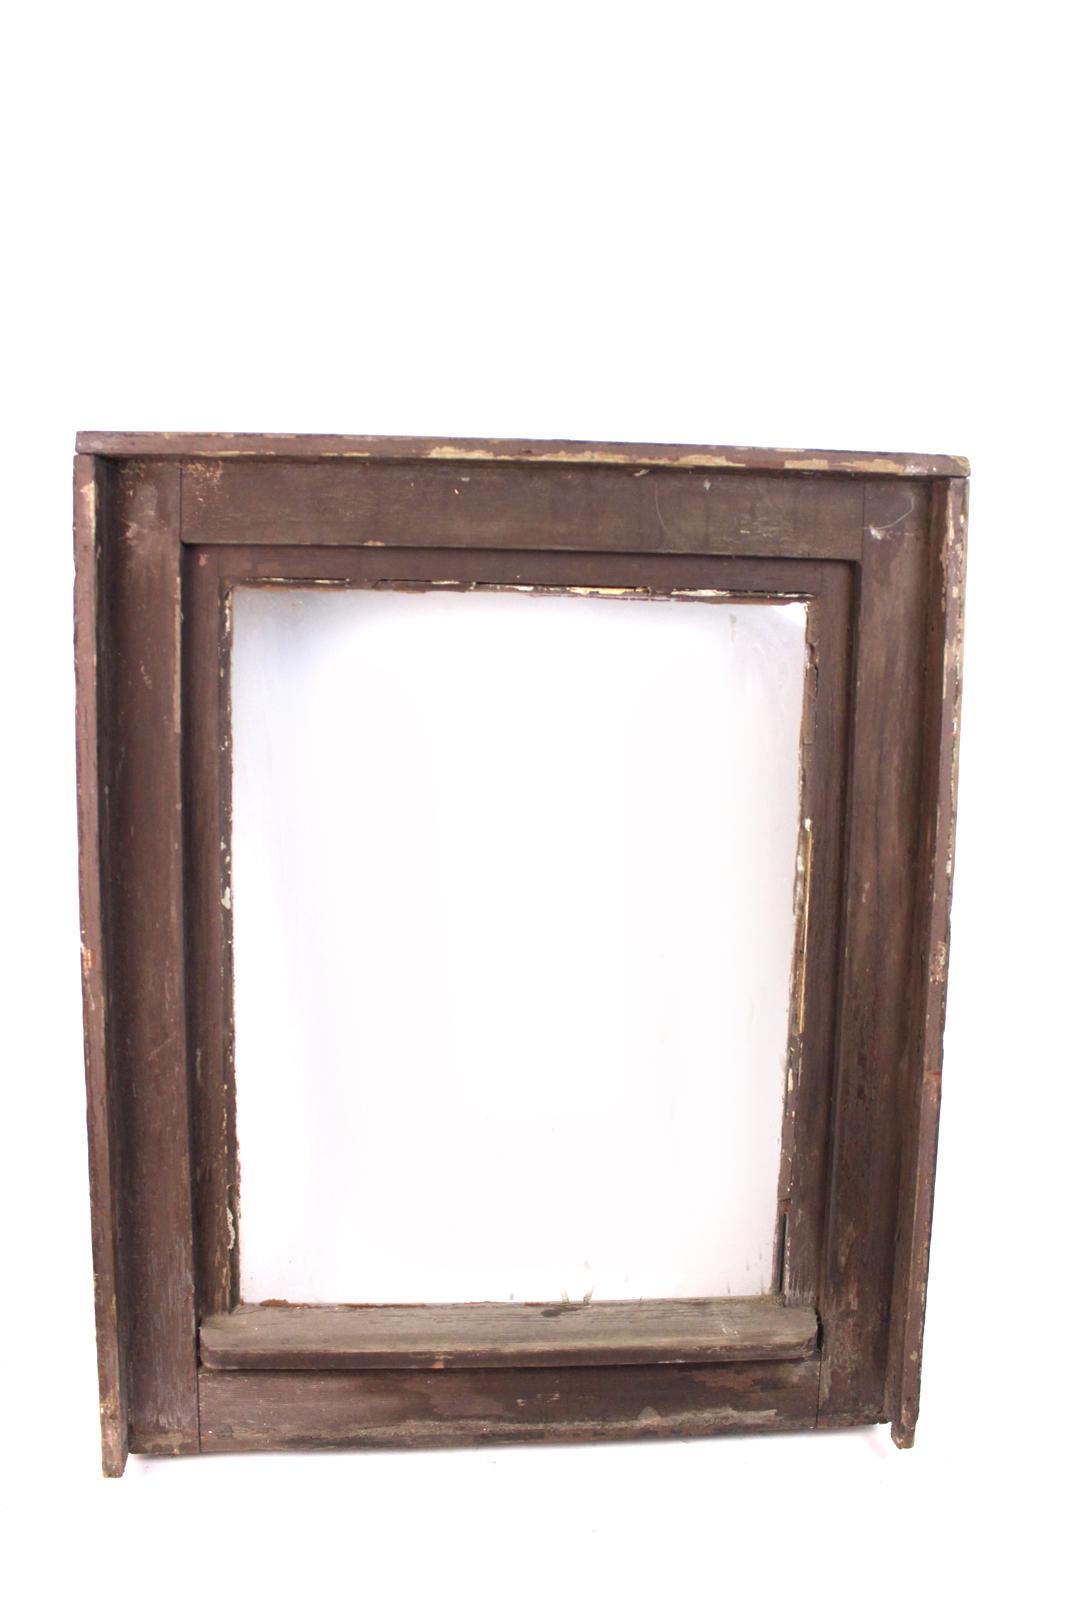 altes holzfenster m einbaurahmen 75x61cm holzfenster holz rahmen glas z ffnen ebay. Black Bedroom Furniture Sets. Home Design Ideas